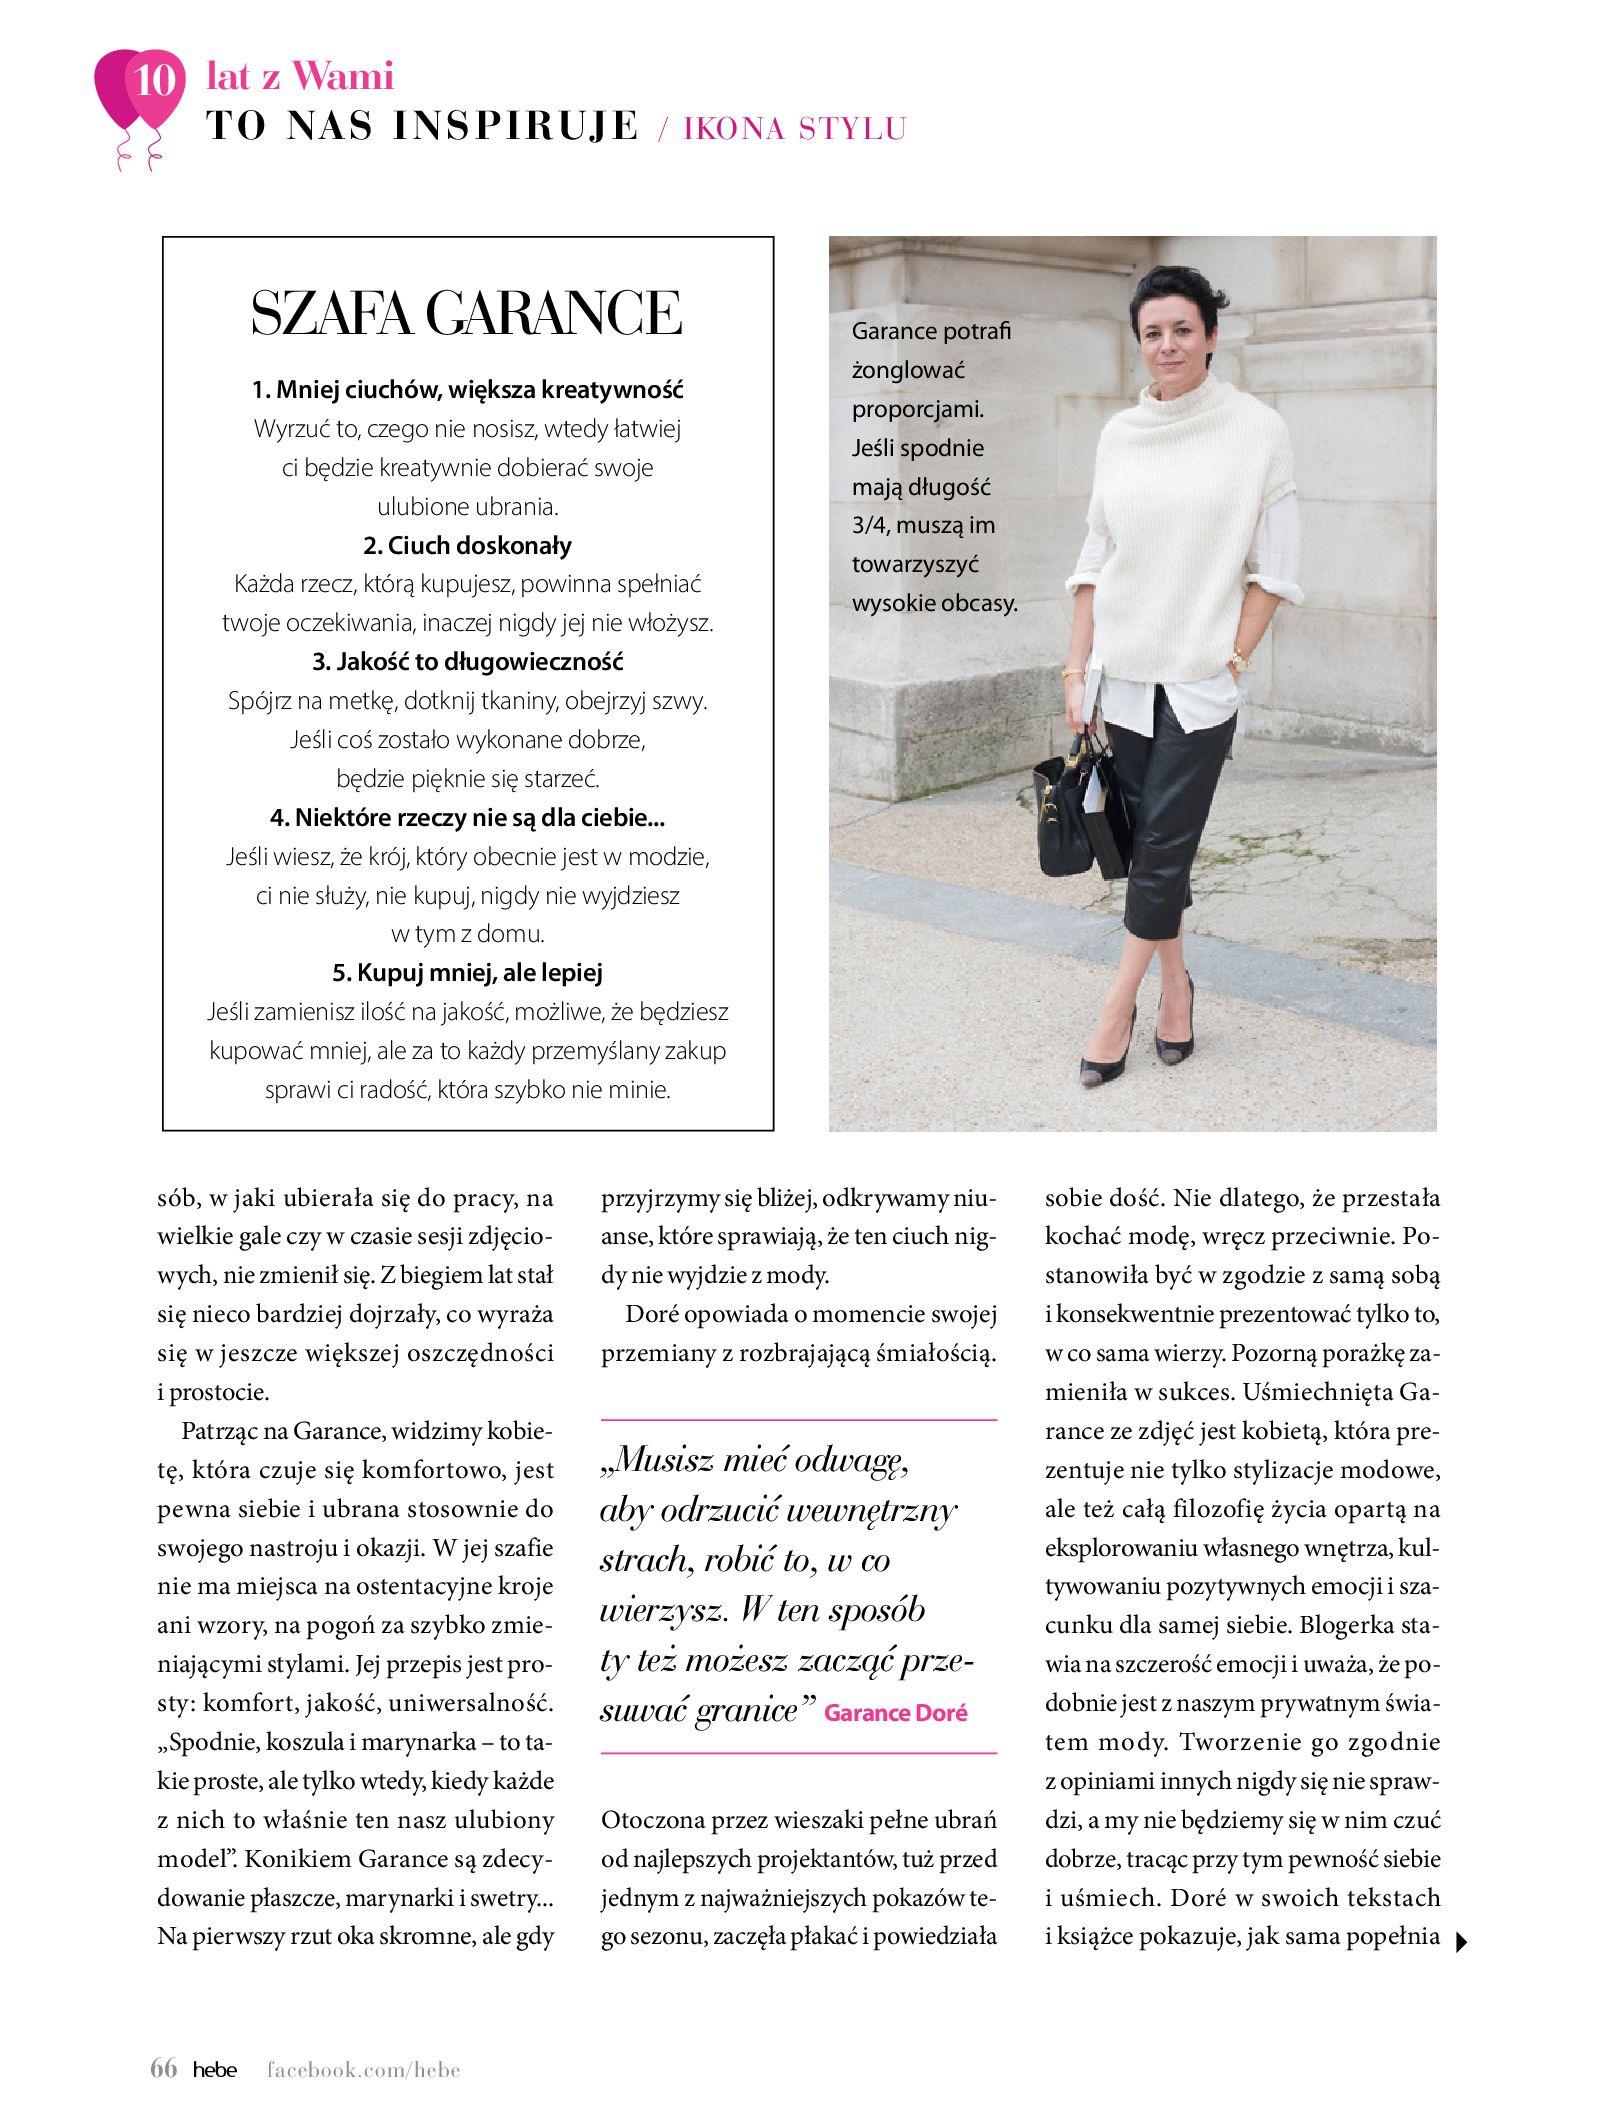 Gazetka hebe: Gazetka Hebe - Magazyn  2021-05-01 page-66